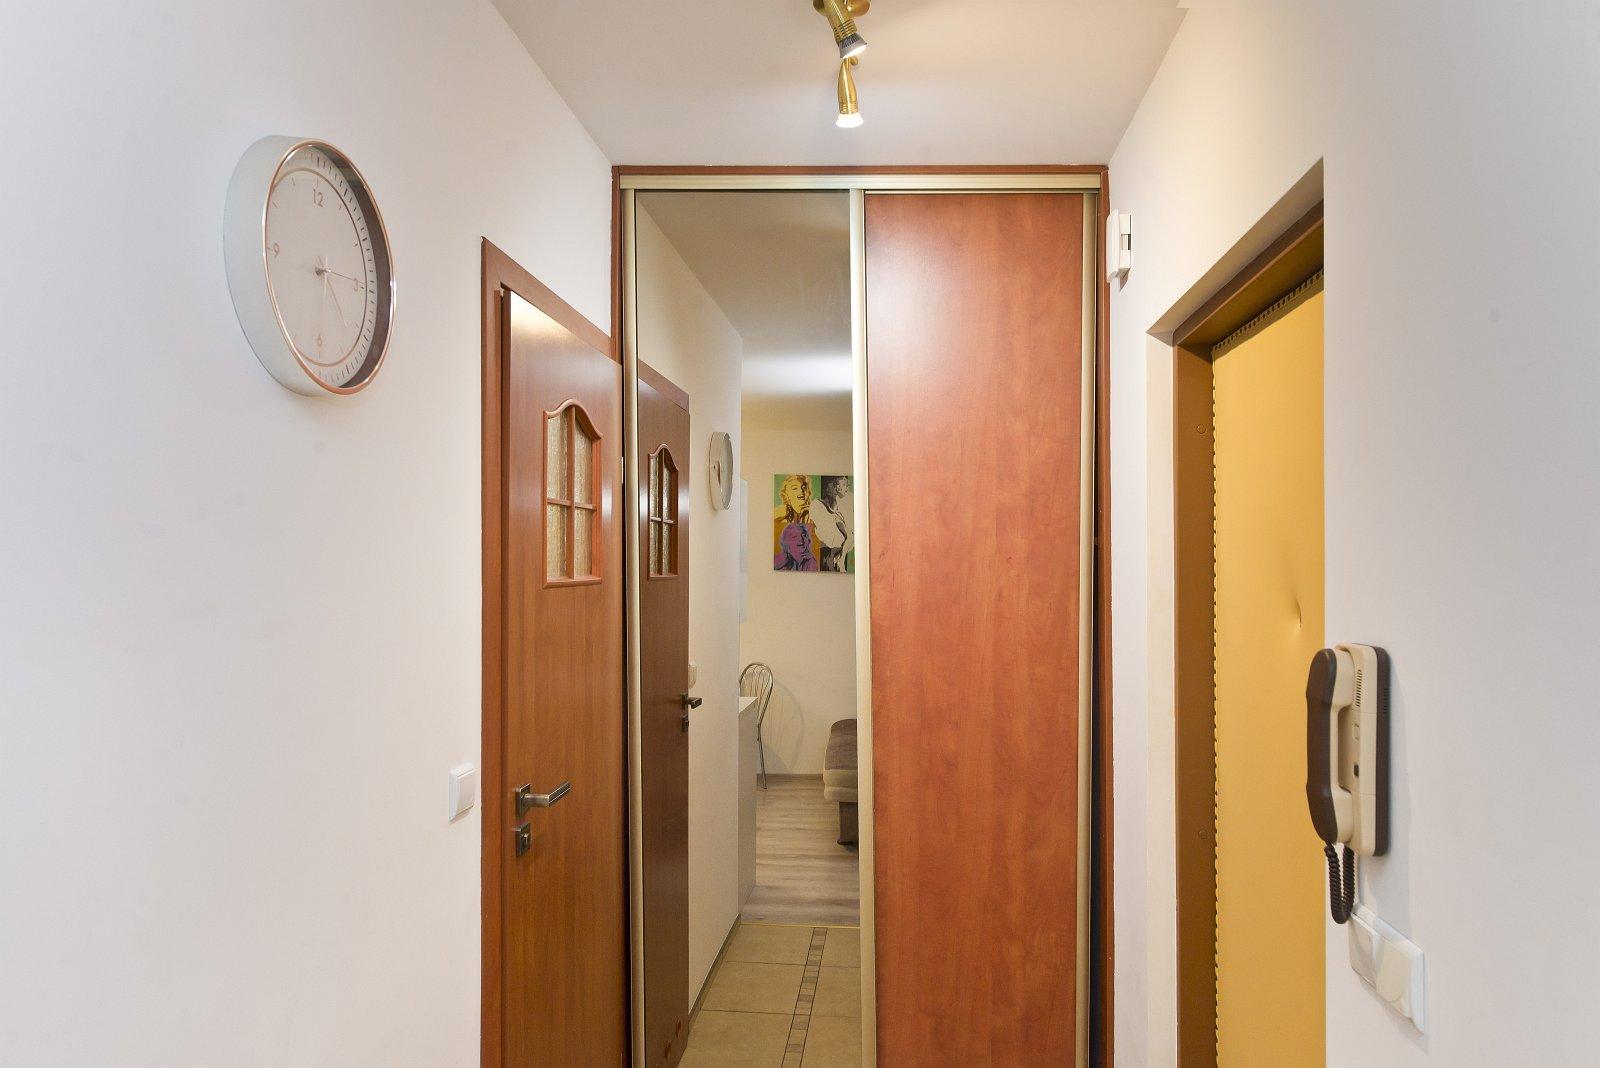 mieszkanie-wynajem-gdansk-ch-01-16web